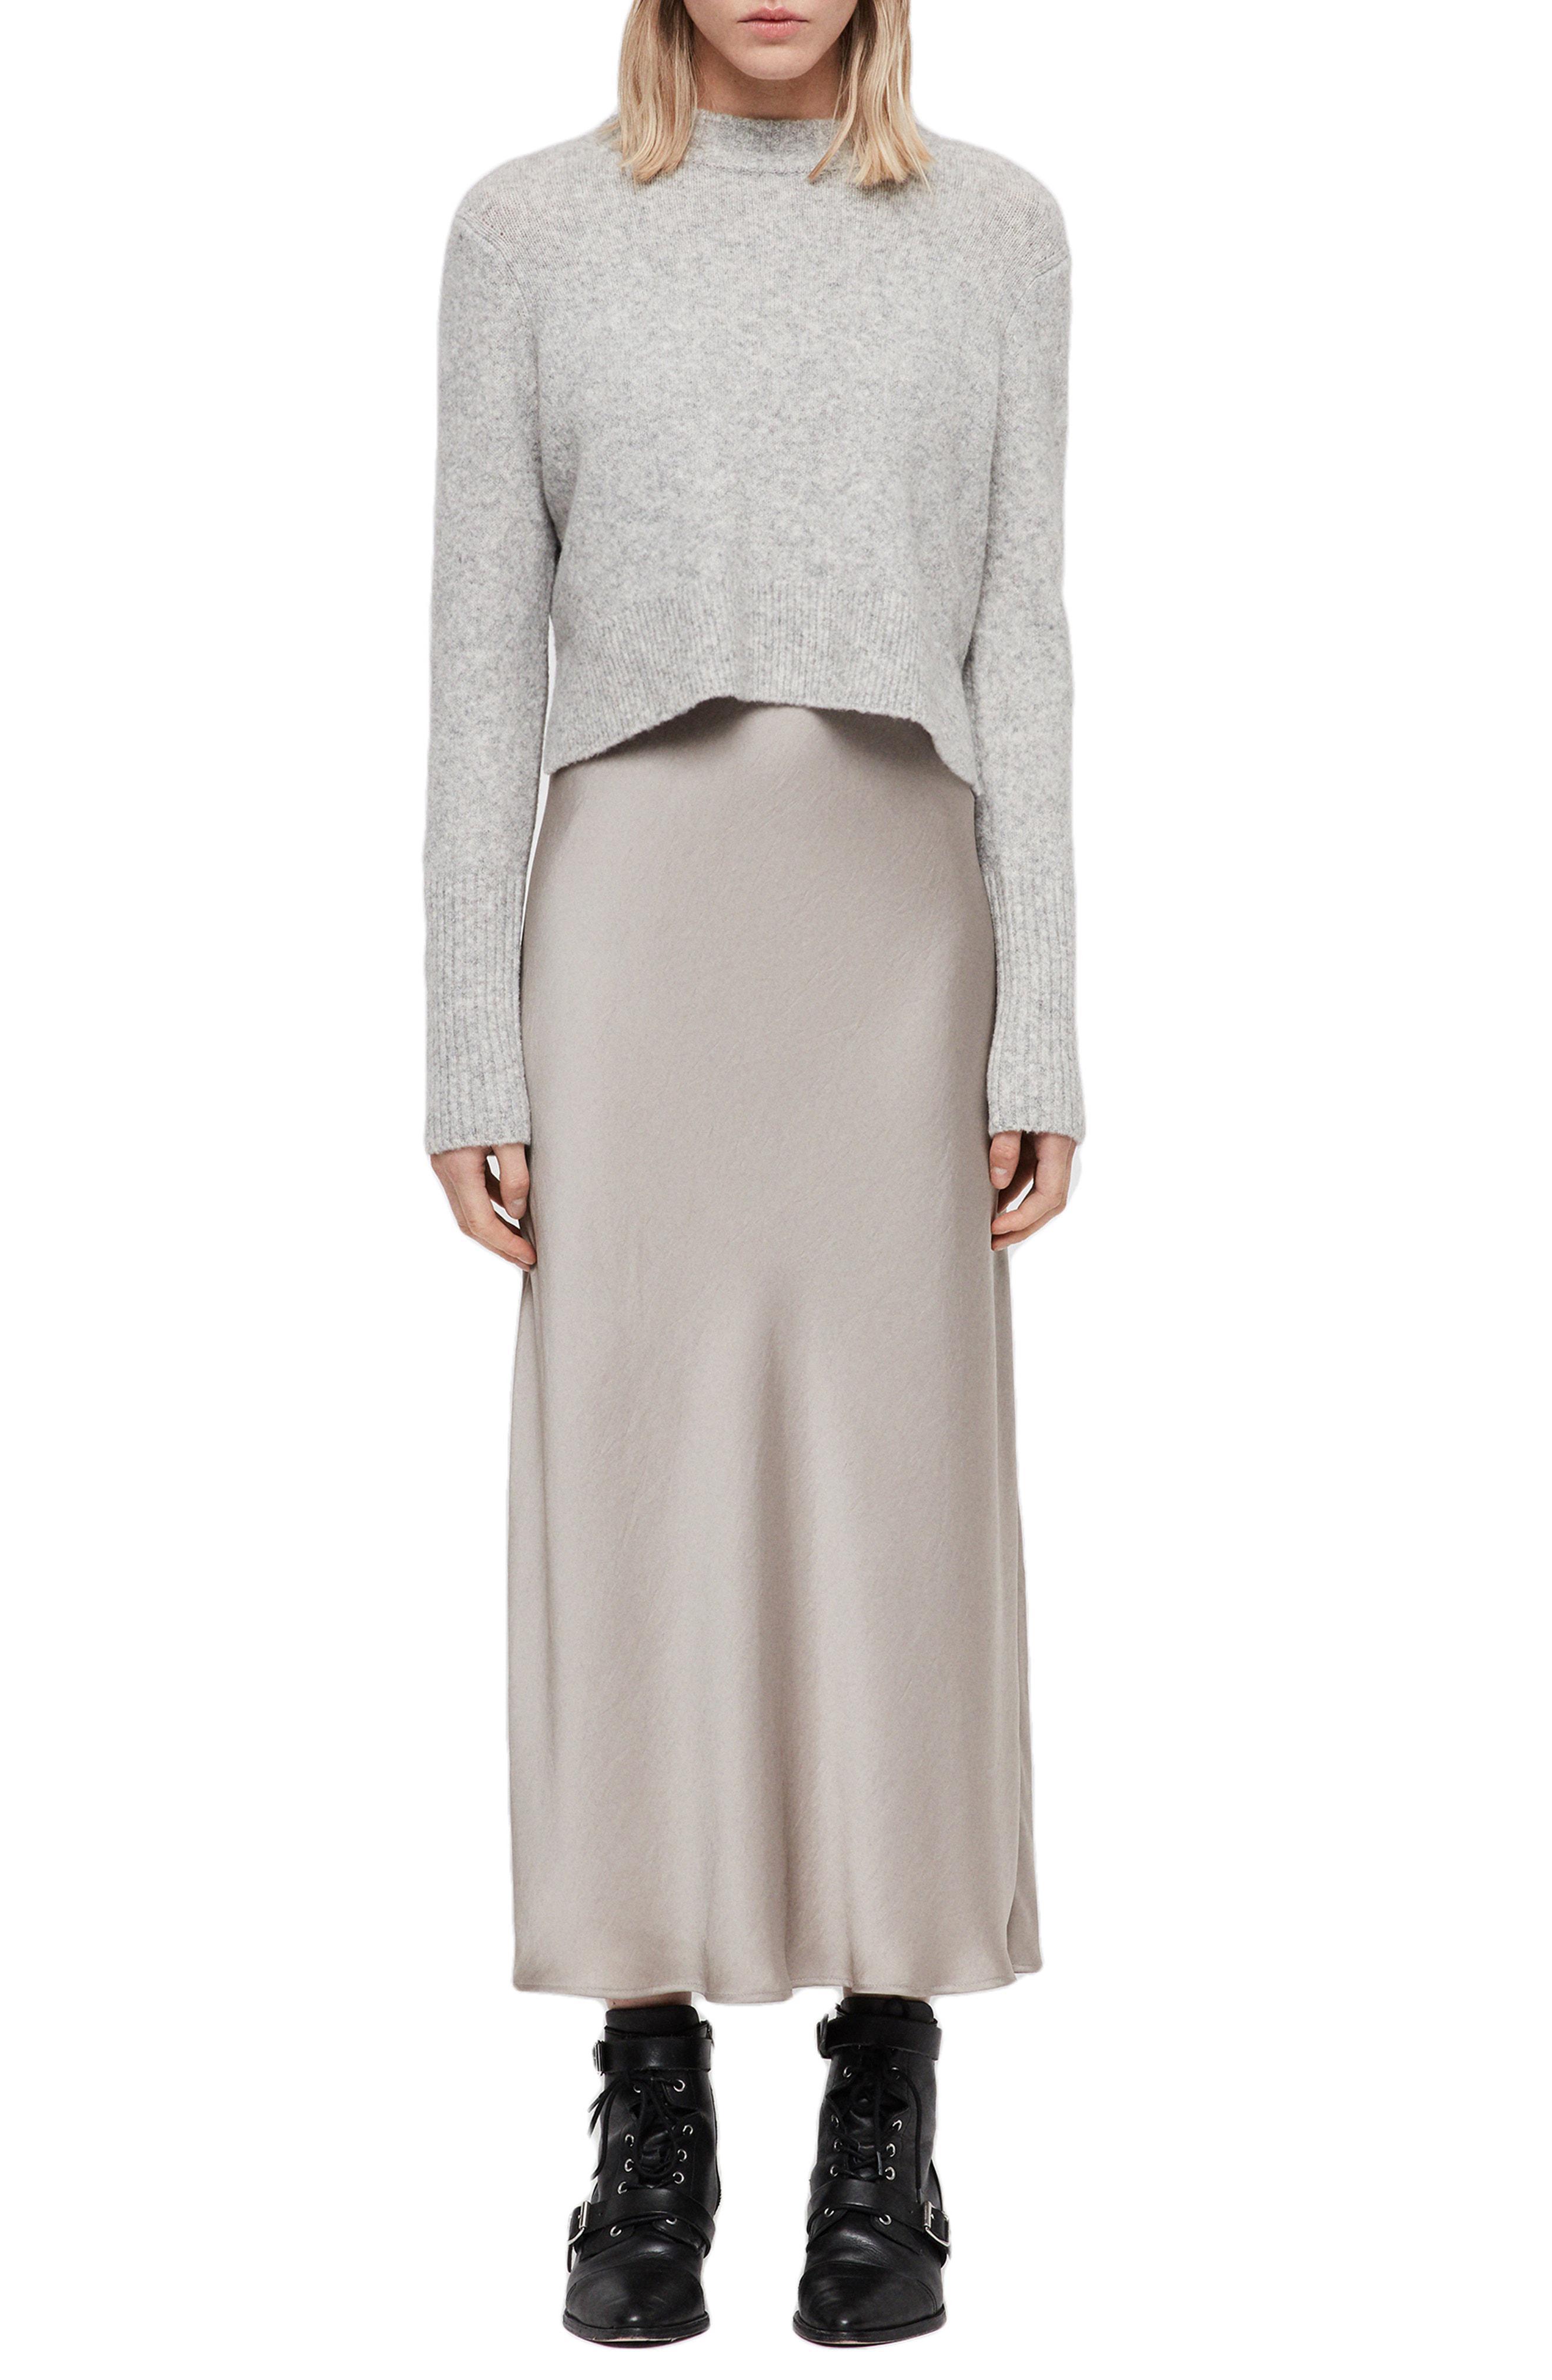 808cf58272 AllSaints Tierny Two-piece Sweater   Slipdress in Gray - Lyst